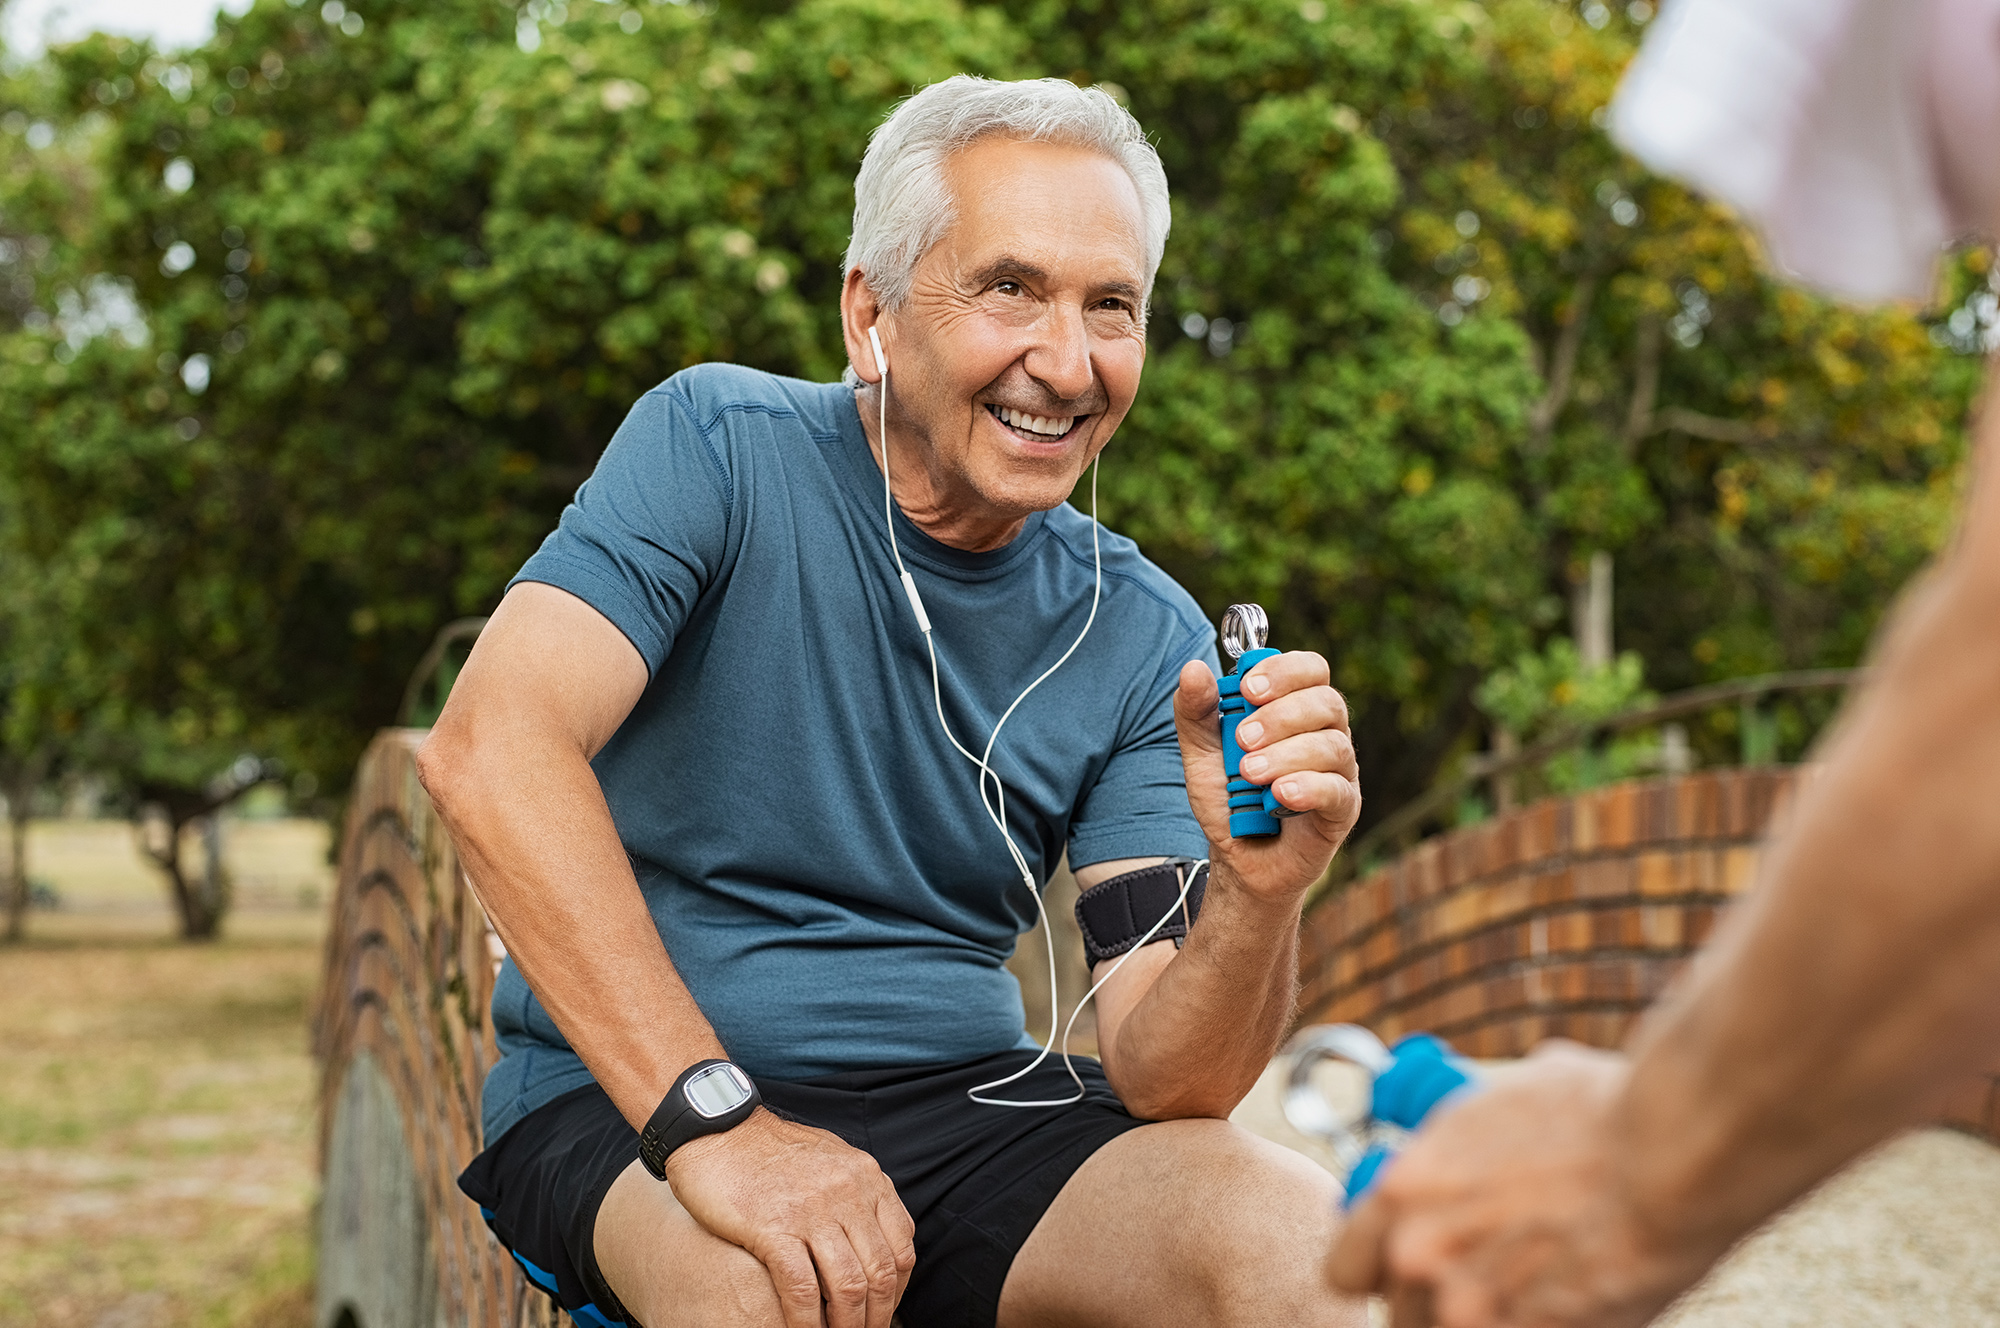 Sposoby na ćwiczenie mięśni Kegla: technika Pelvicore